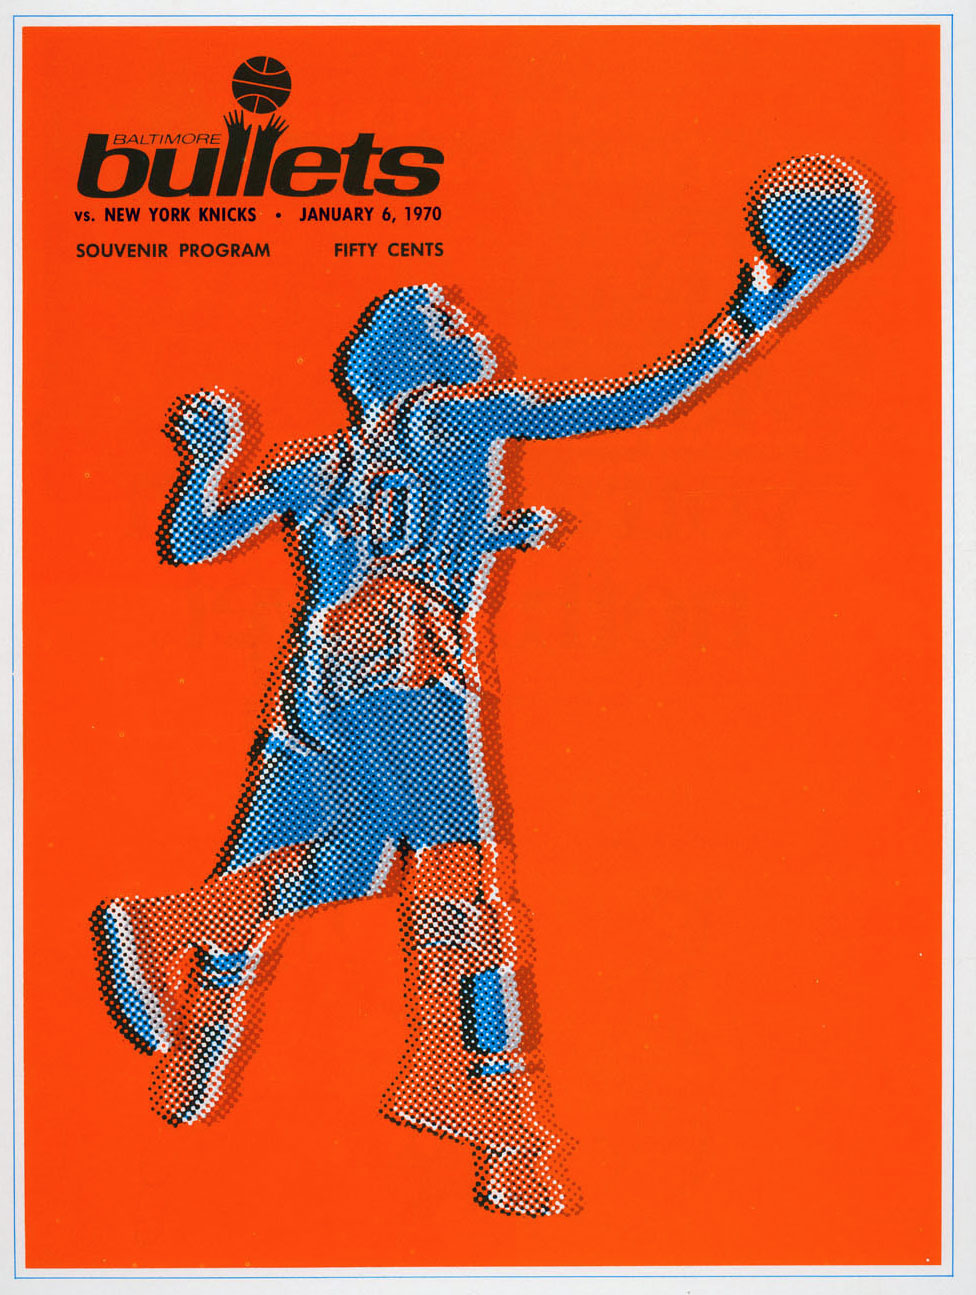 Baltimore Bullets Program Program (1969/70) - Baltimore Bullets Program SportsLogos.Net